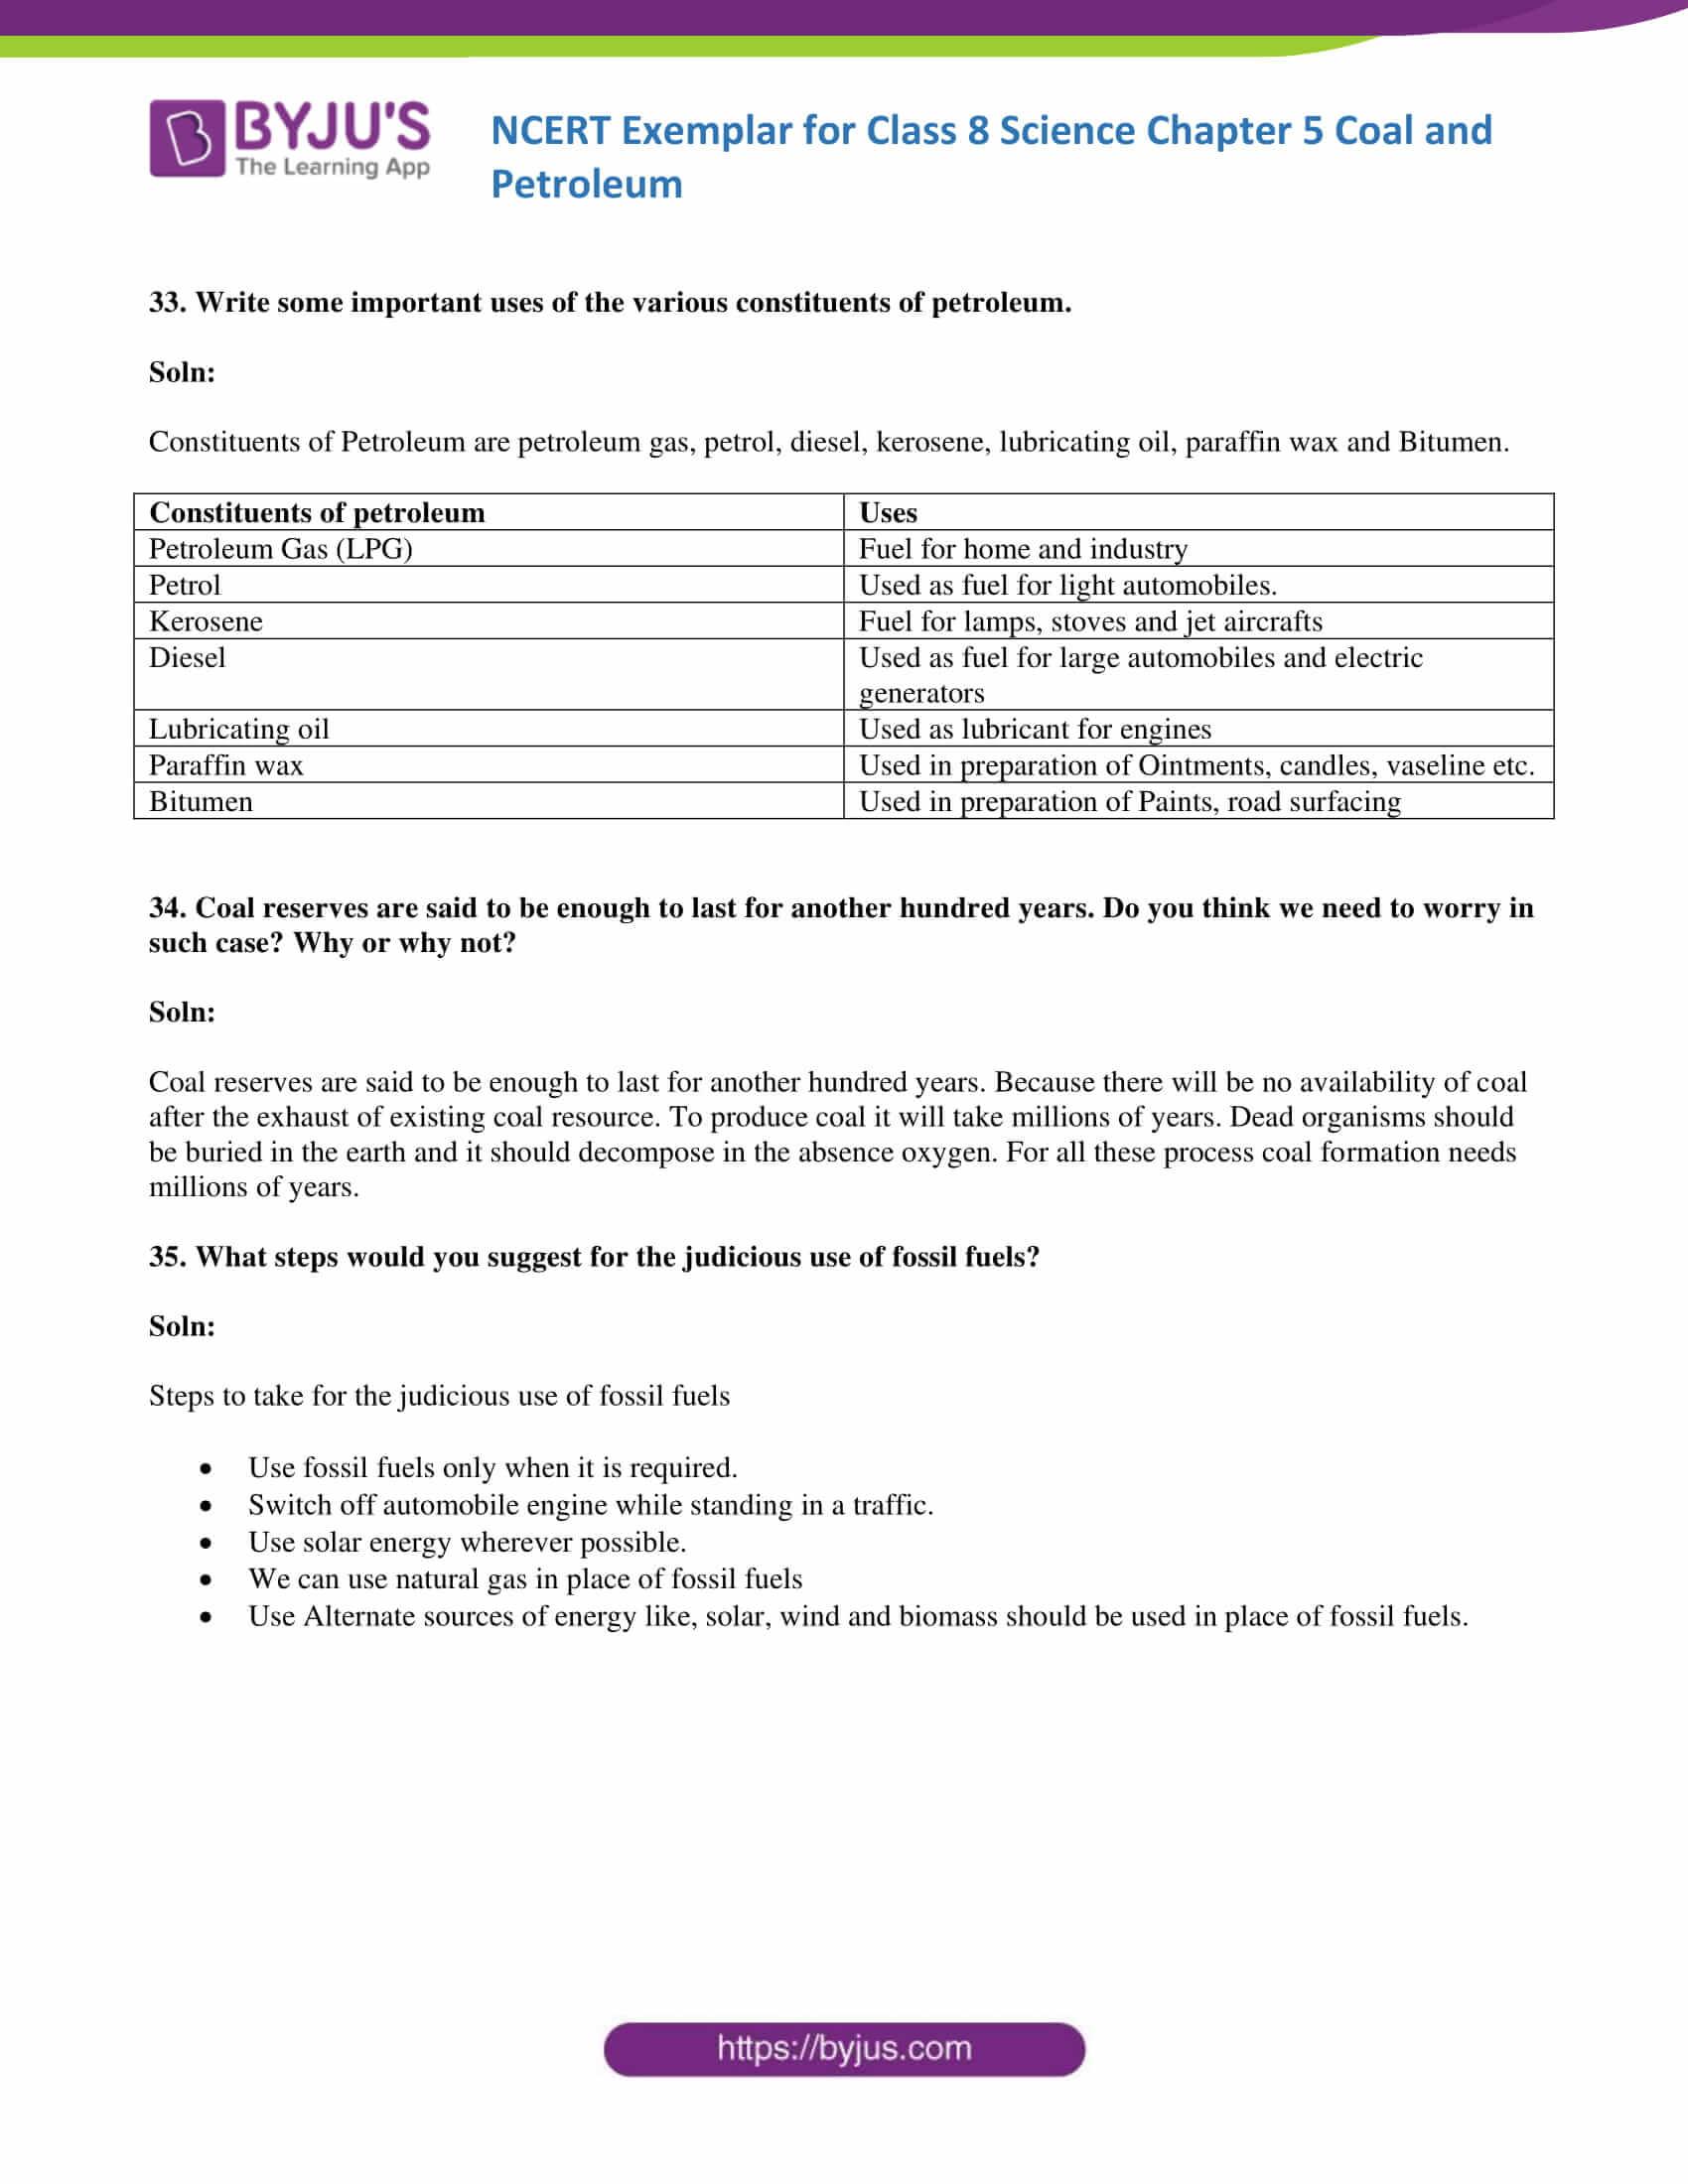 NCERT Exemplar solution class 8 Chapter 5 part 11